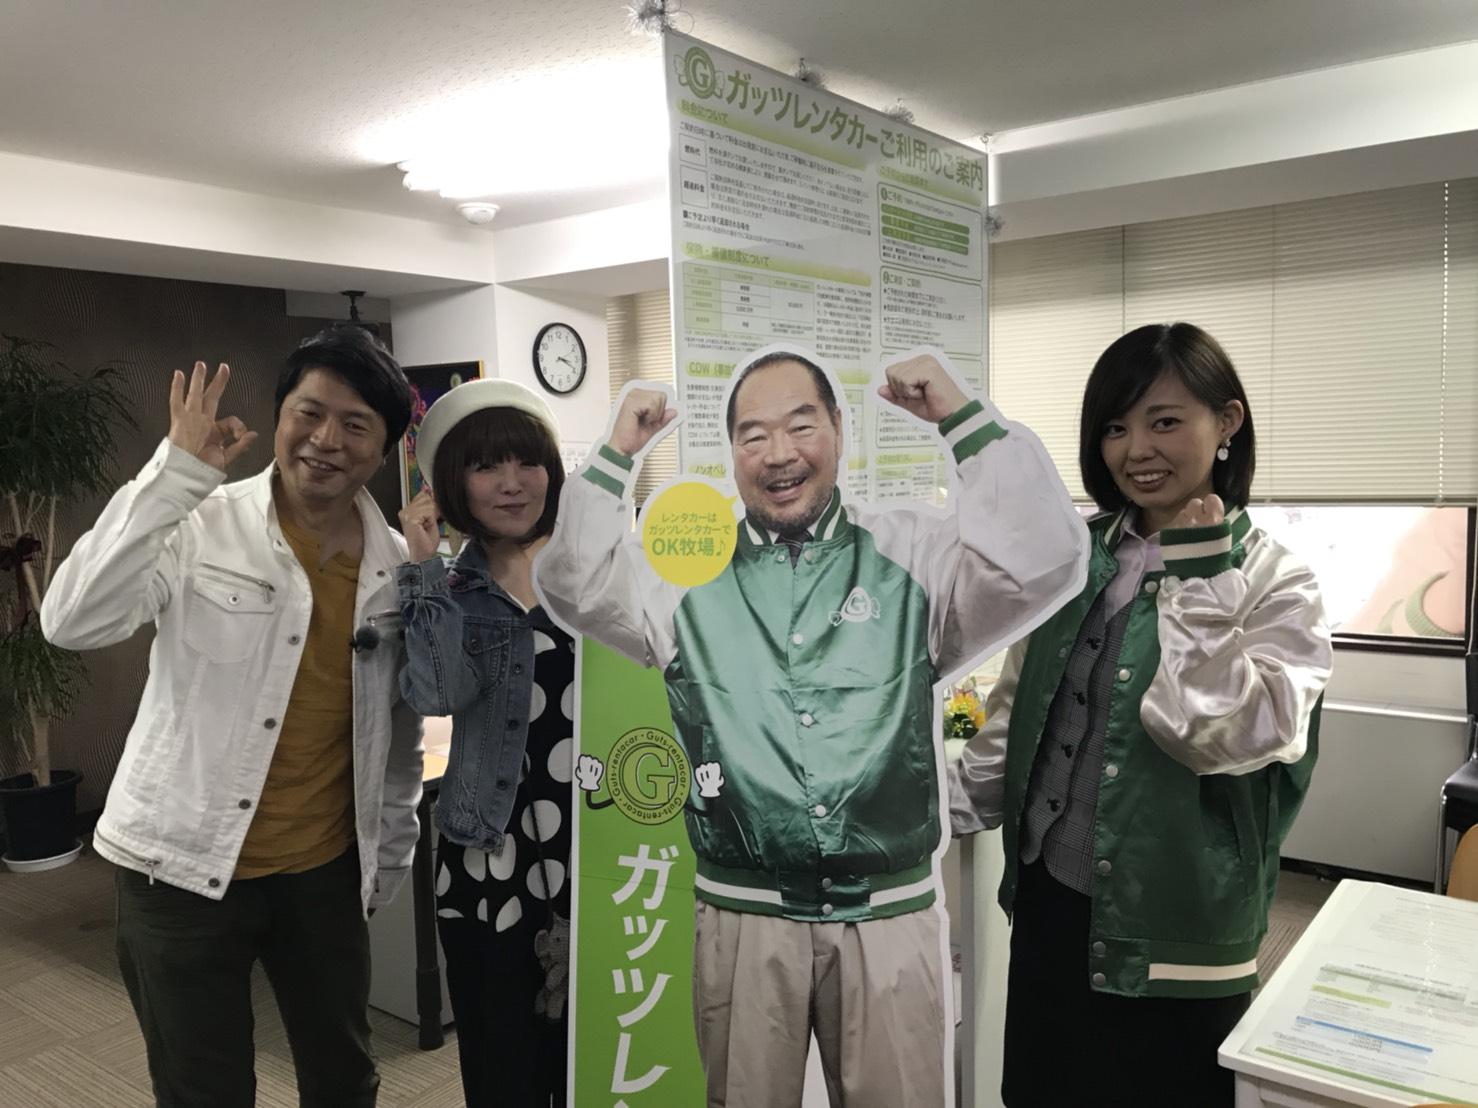 ガッツレンタカー札幌中央店 取材風景2